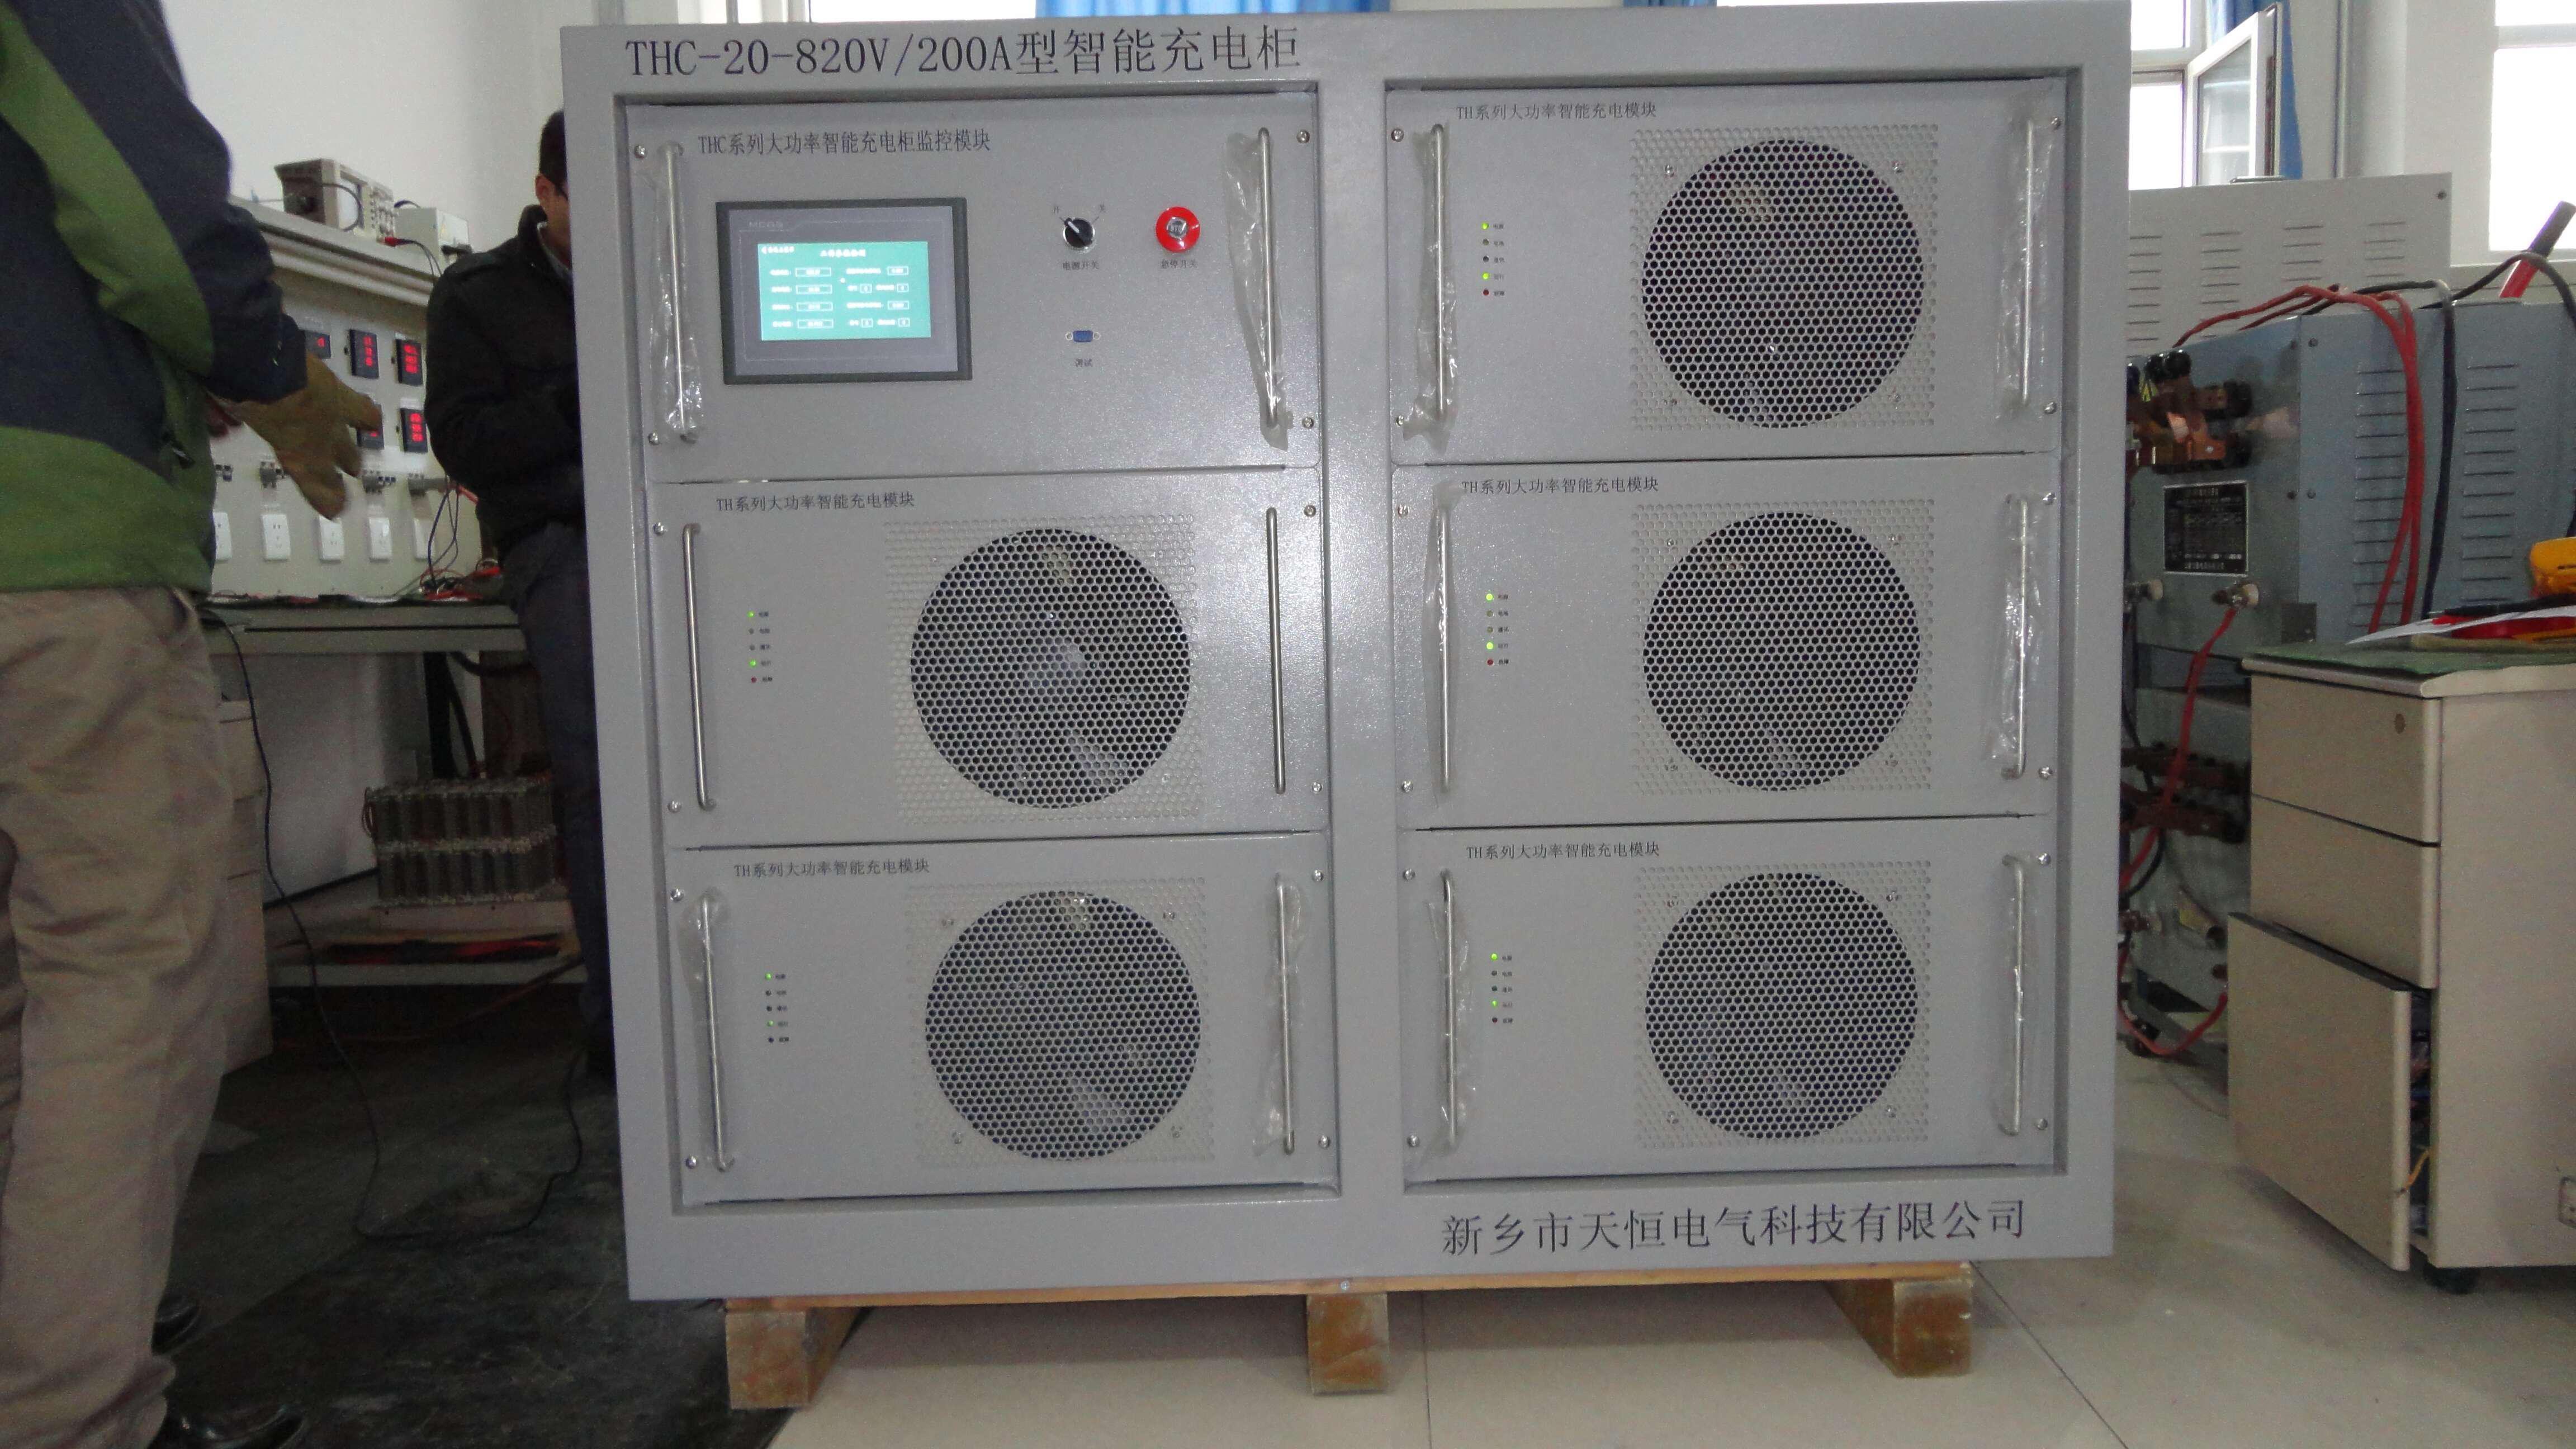 THC-20-820V/200A���鸿�藉���垫��